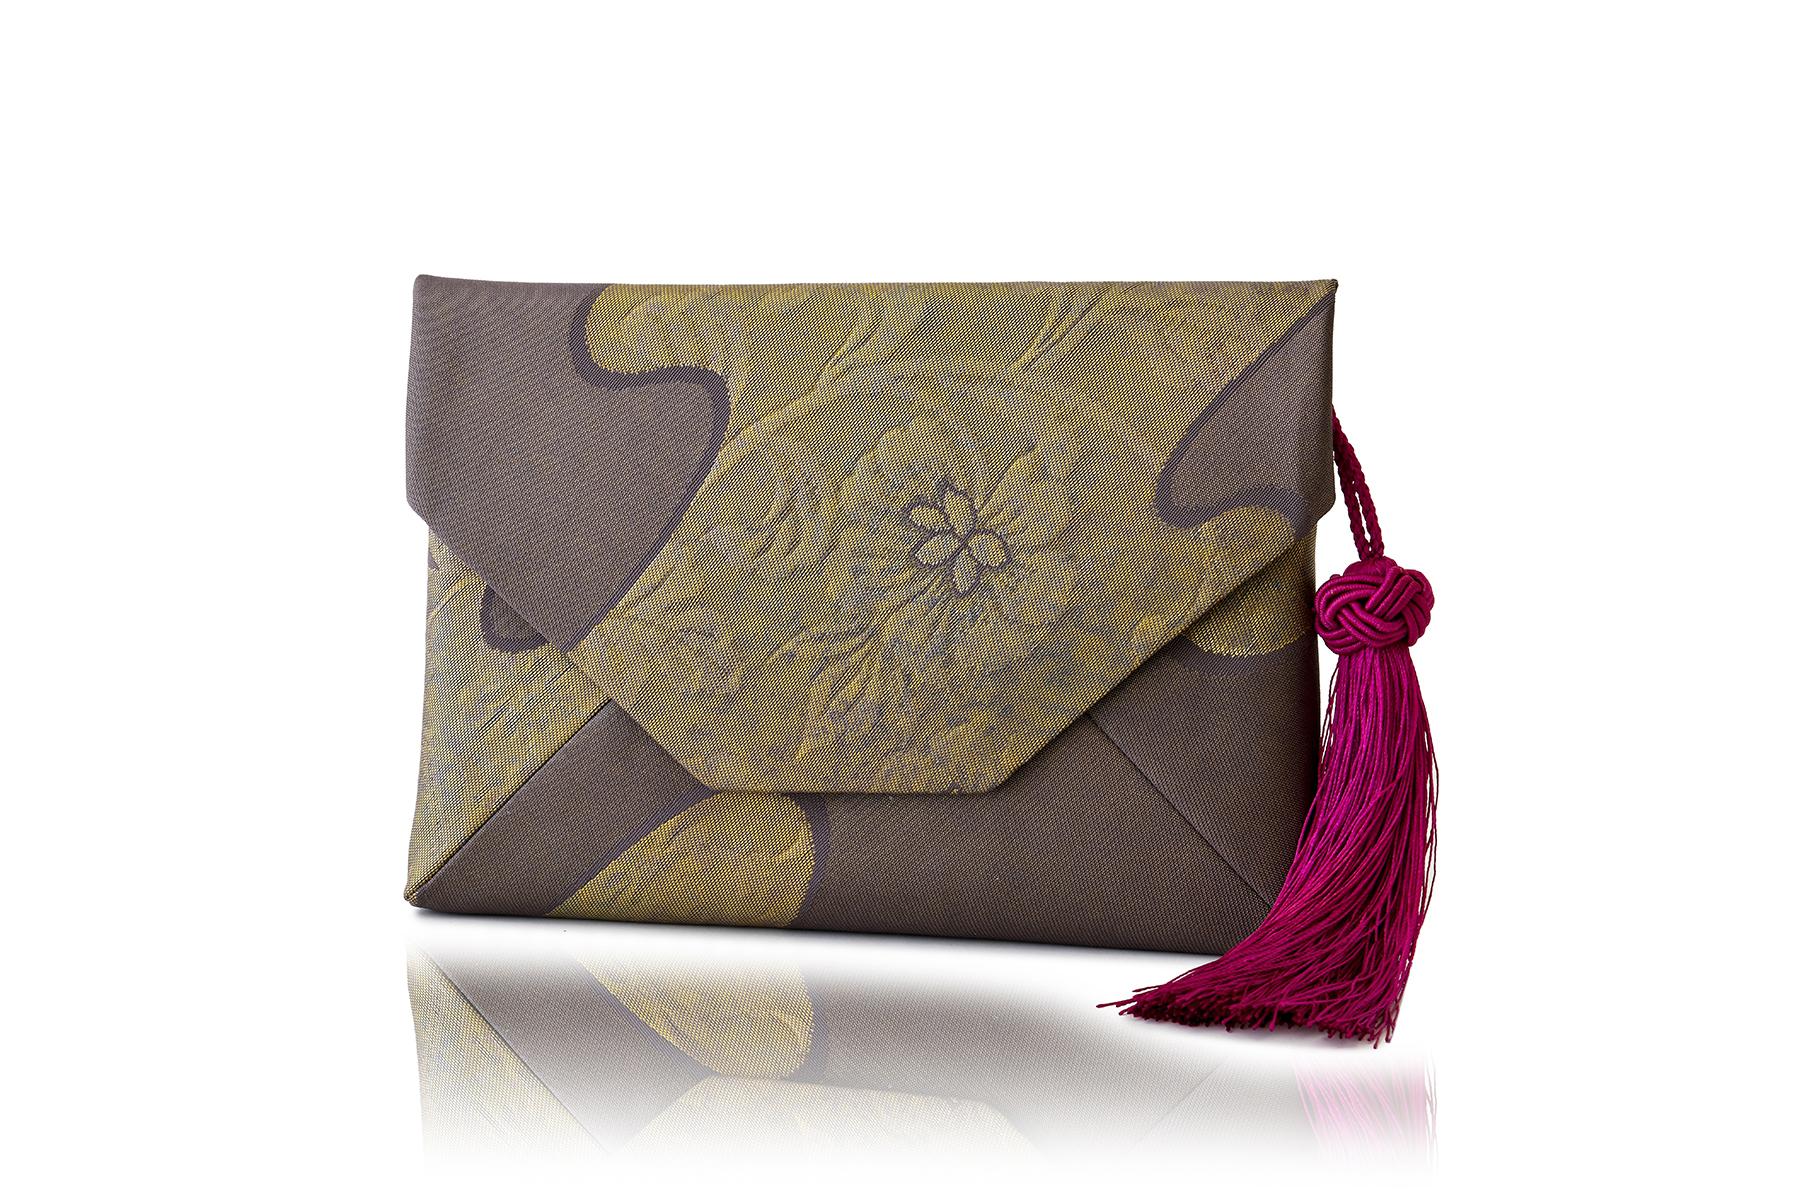 すきや袋/ 古代錦袋帯/ 「かすみ更紗」/ 藤鼠 / OSK-FKOD-M63-C12-3